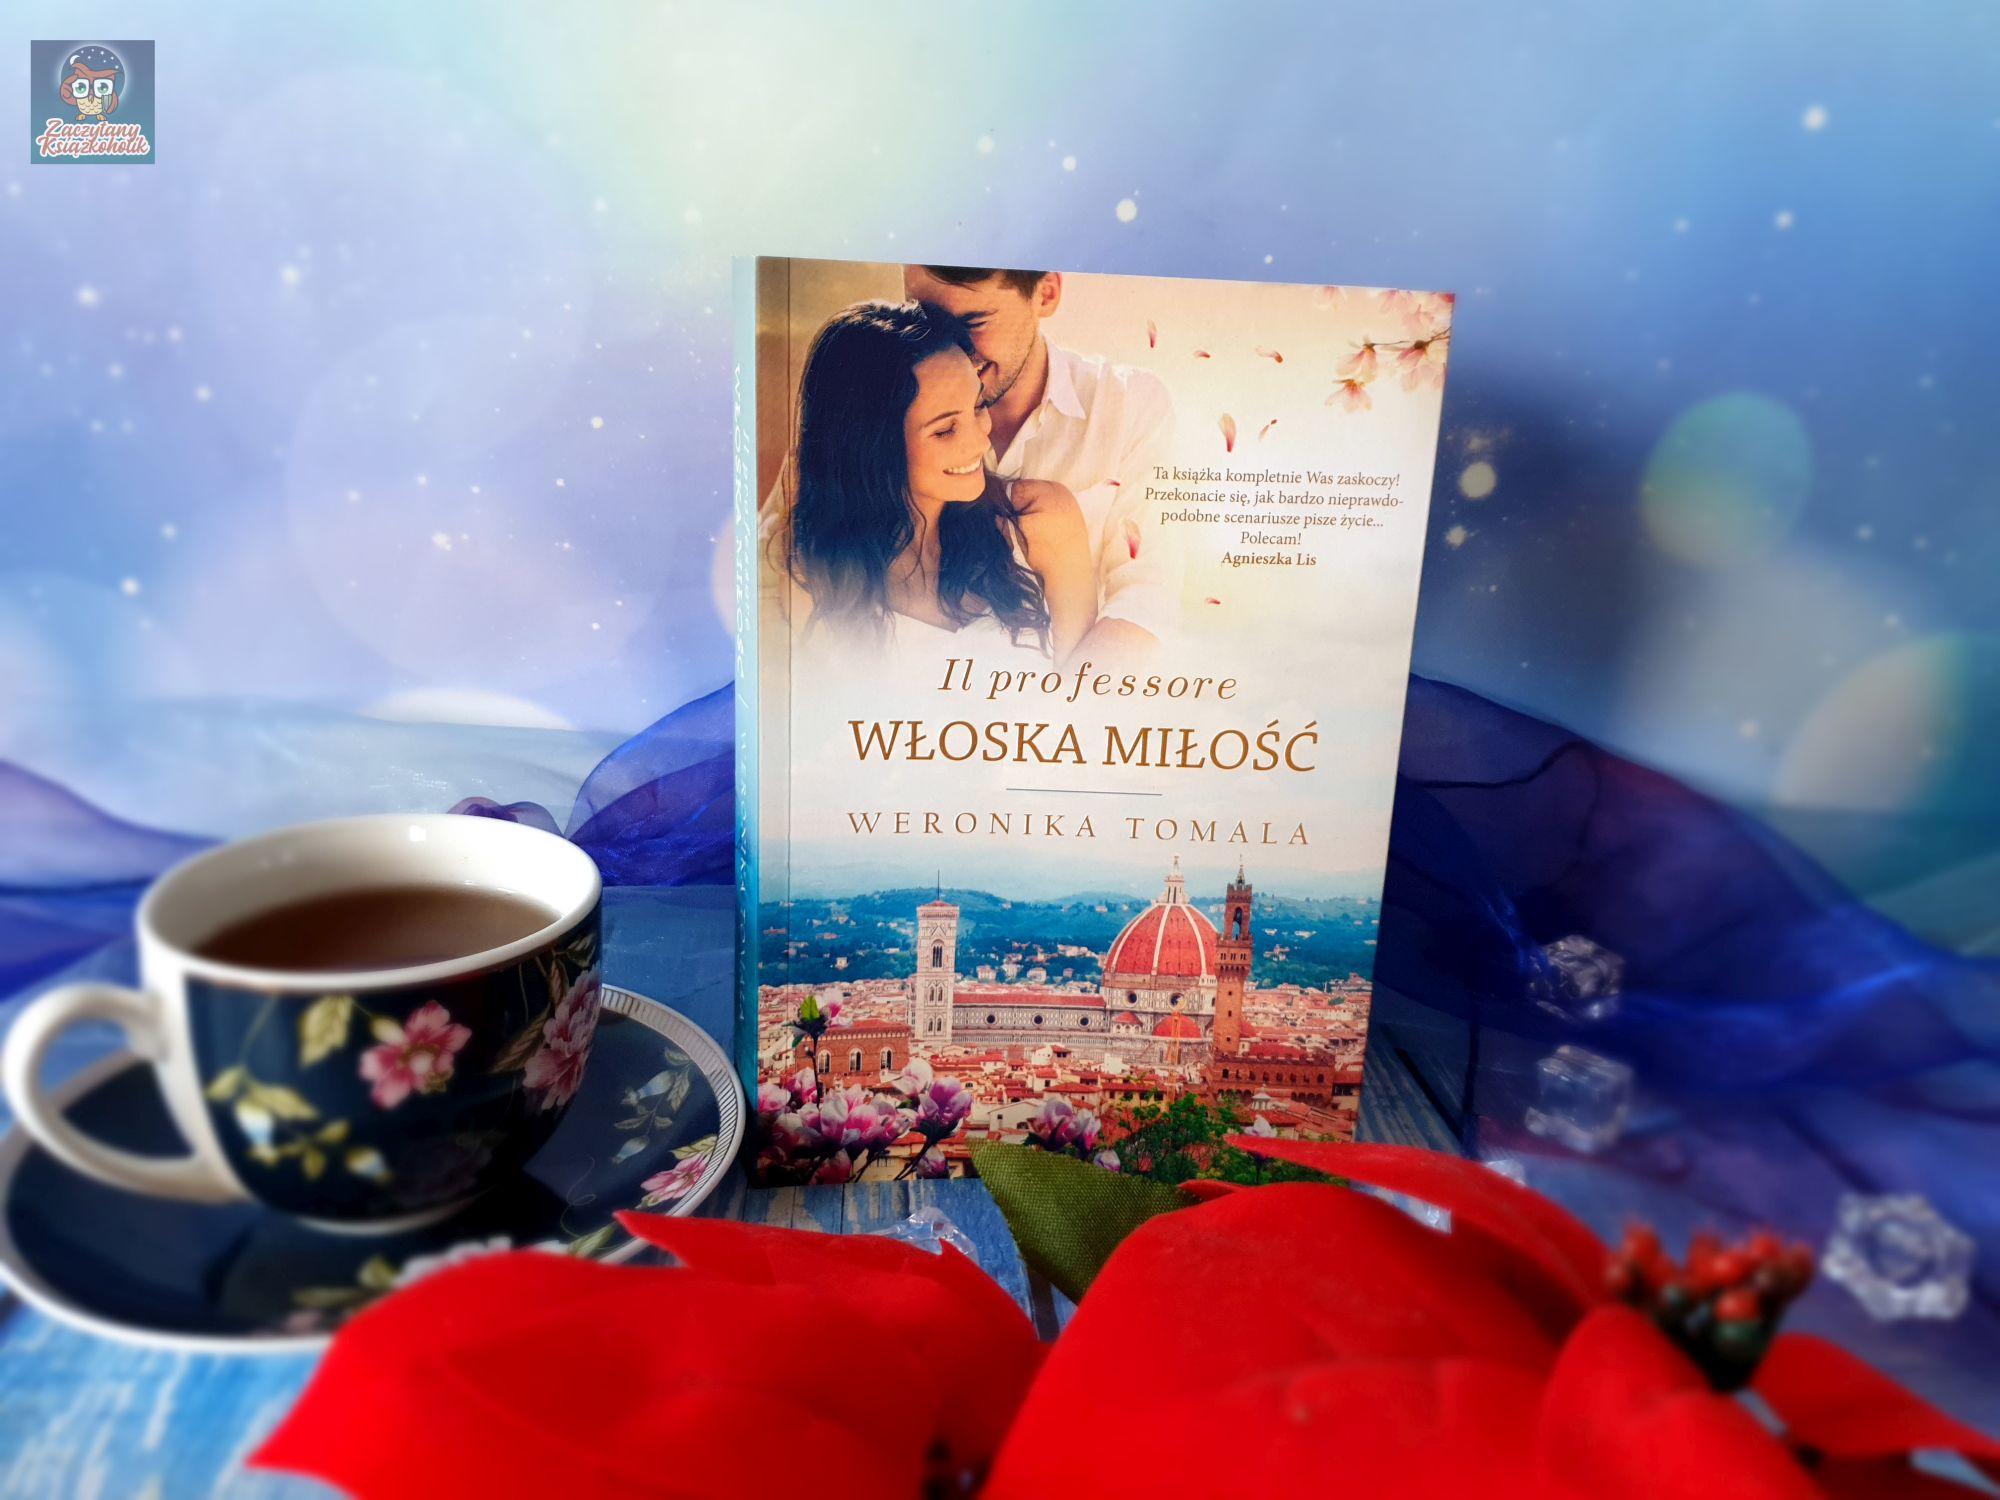 Włoska miłość, Weronika Tomala, zaczytanyksiazkoholik.pl